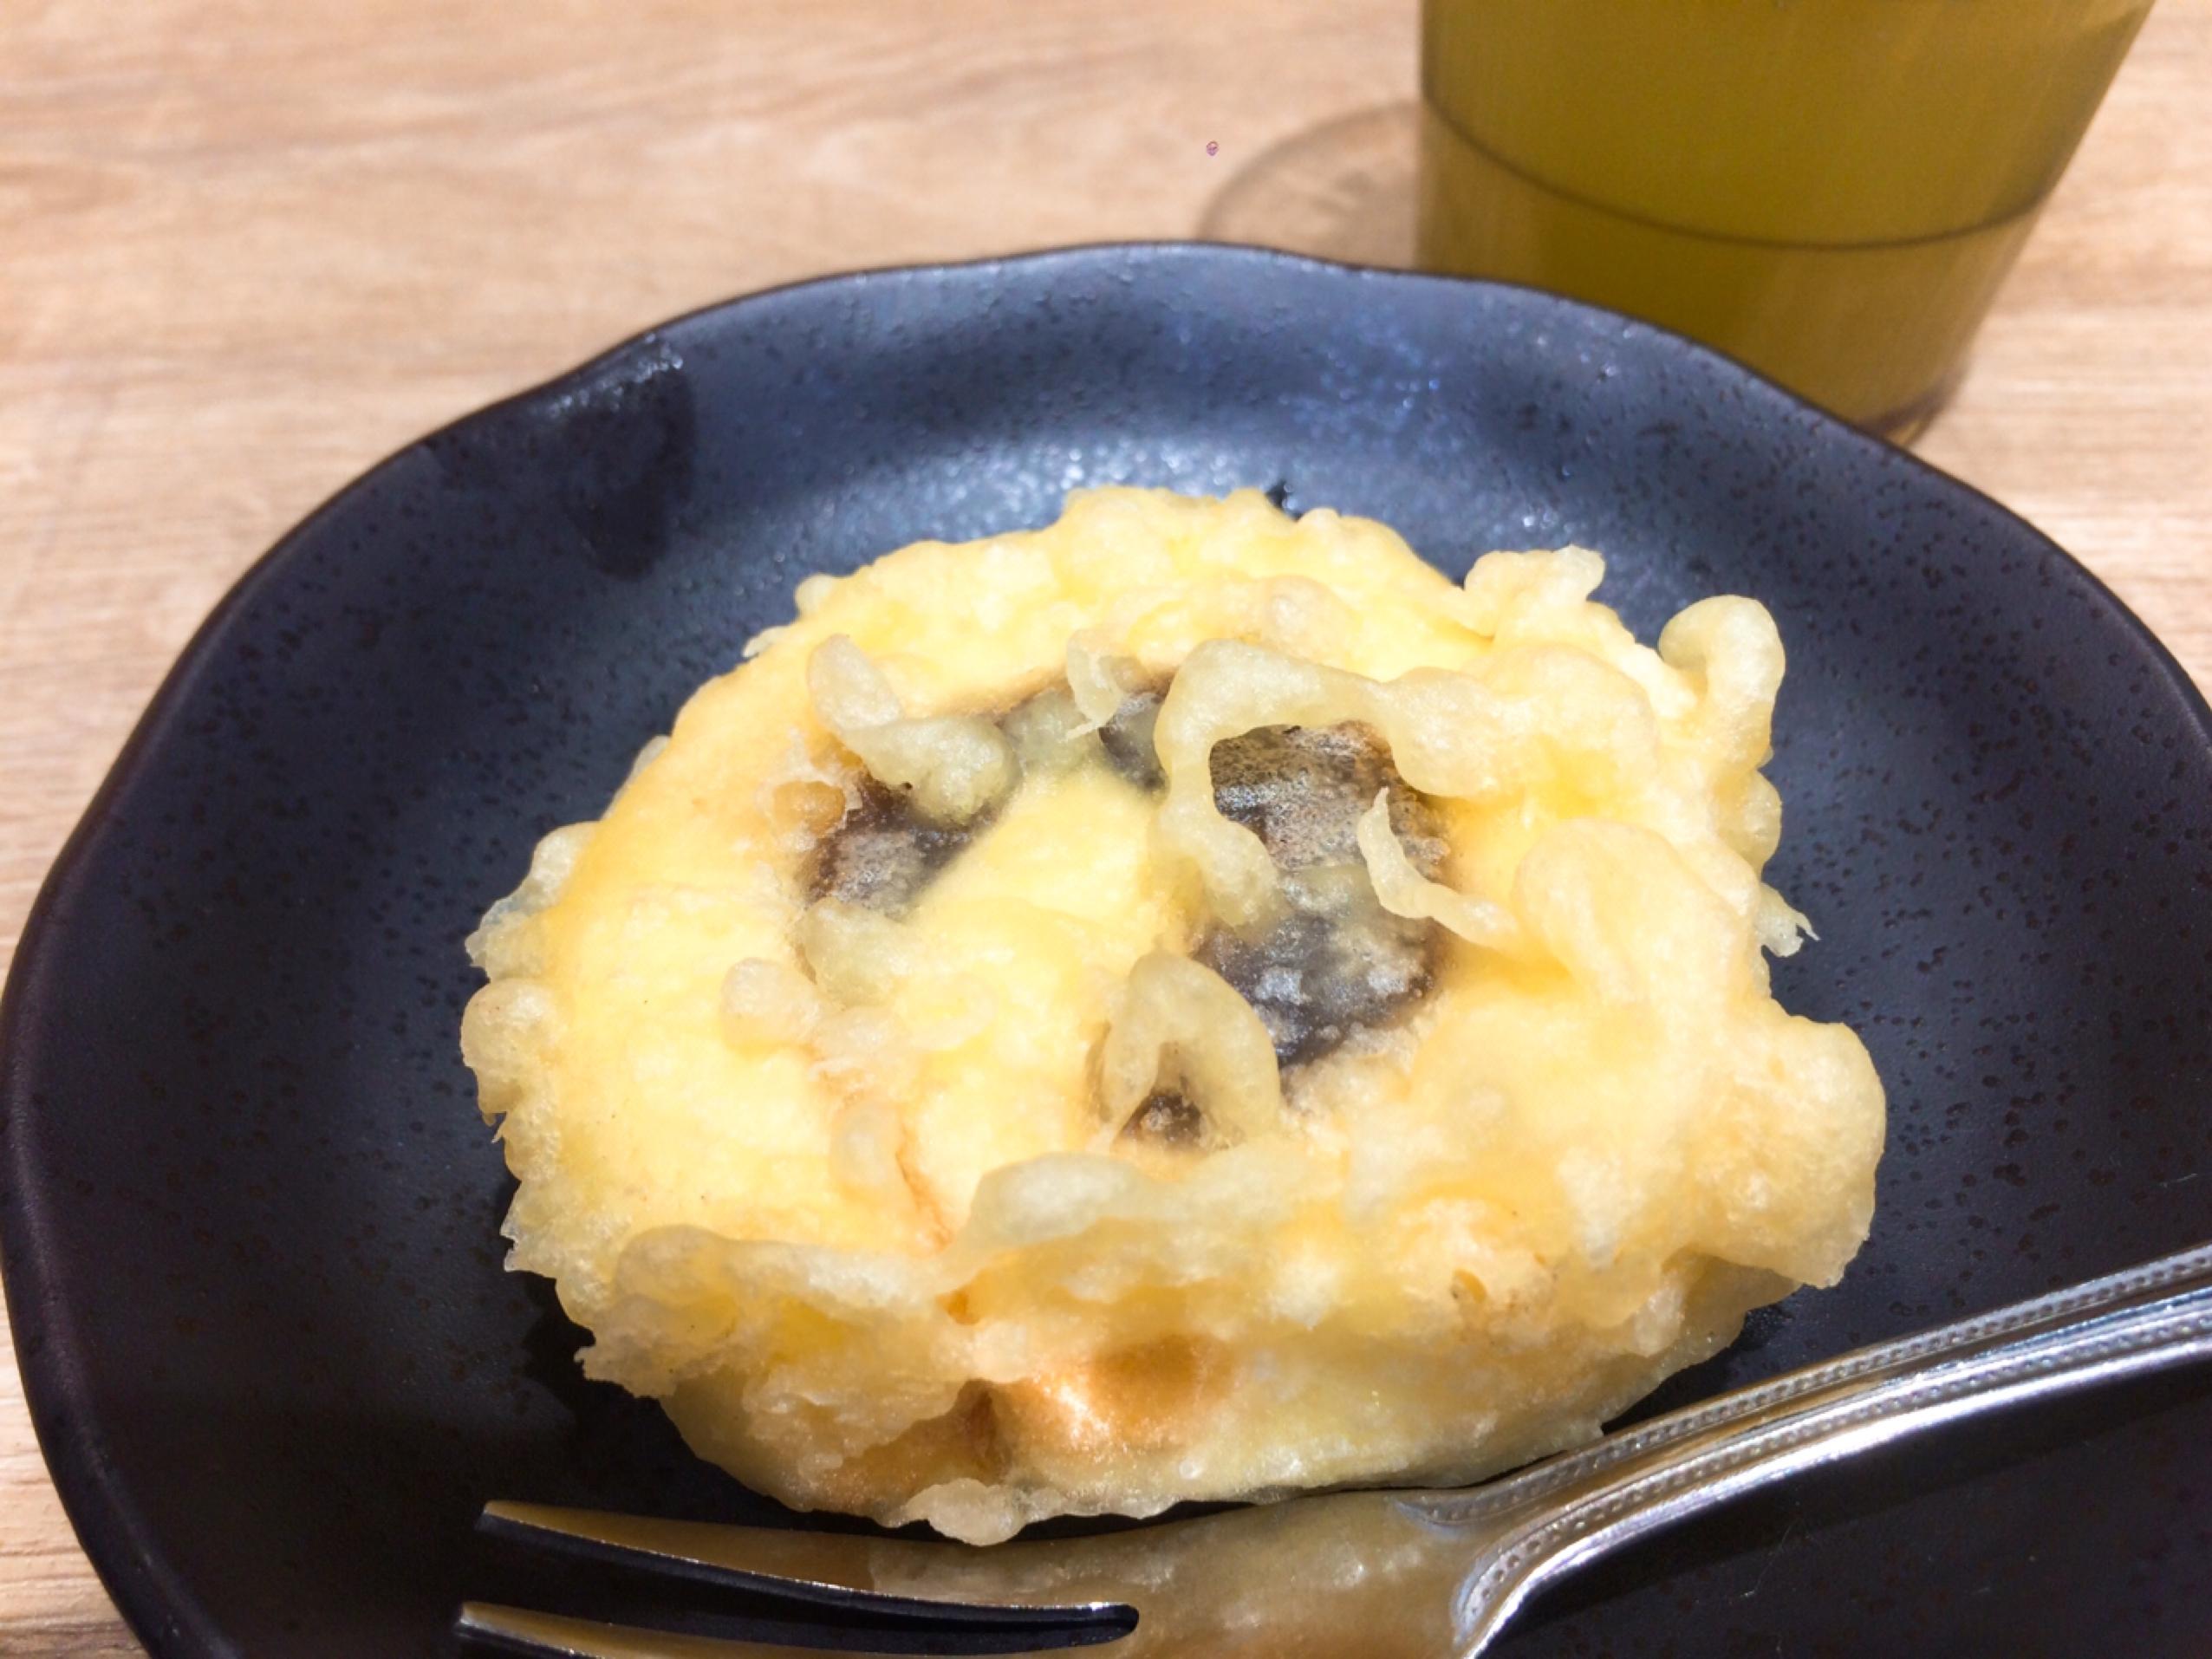 アレをかけたら美味しい!松山空港にある「CHEF'S KITCHEN」で新感覚の「一六タルトの天ぷら」を食べてきたよ!